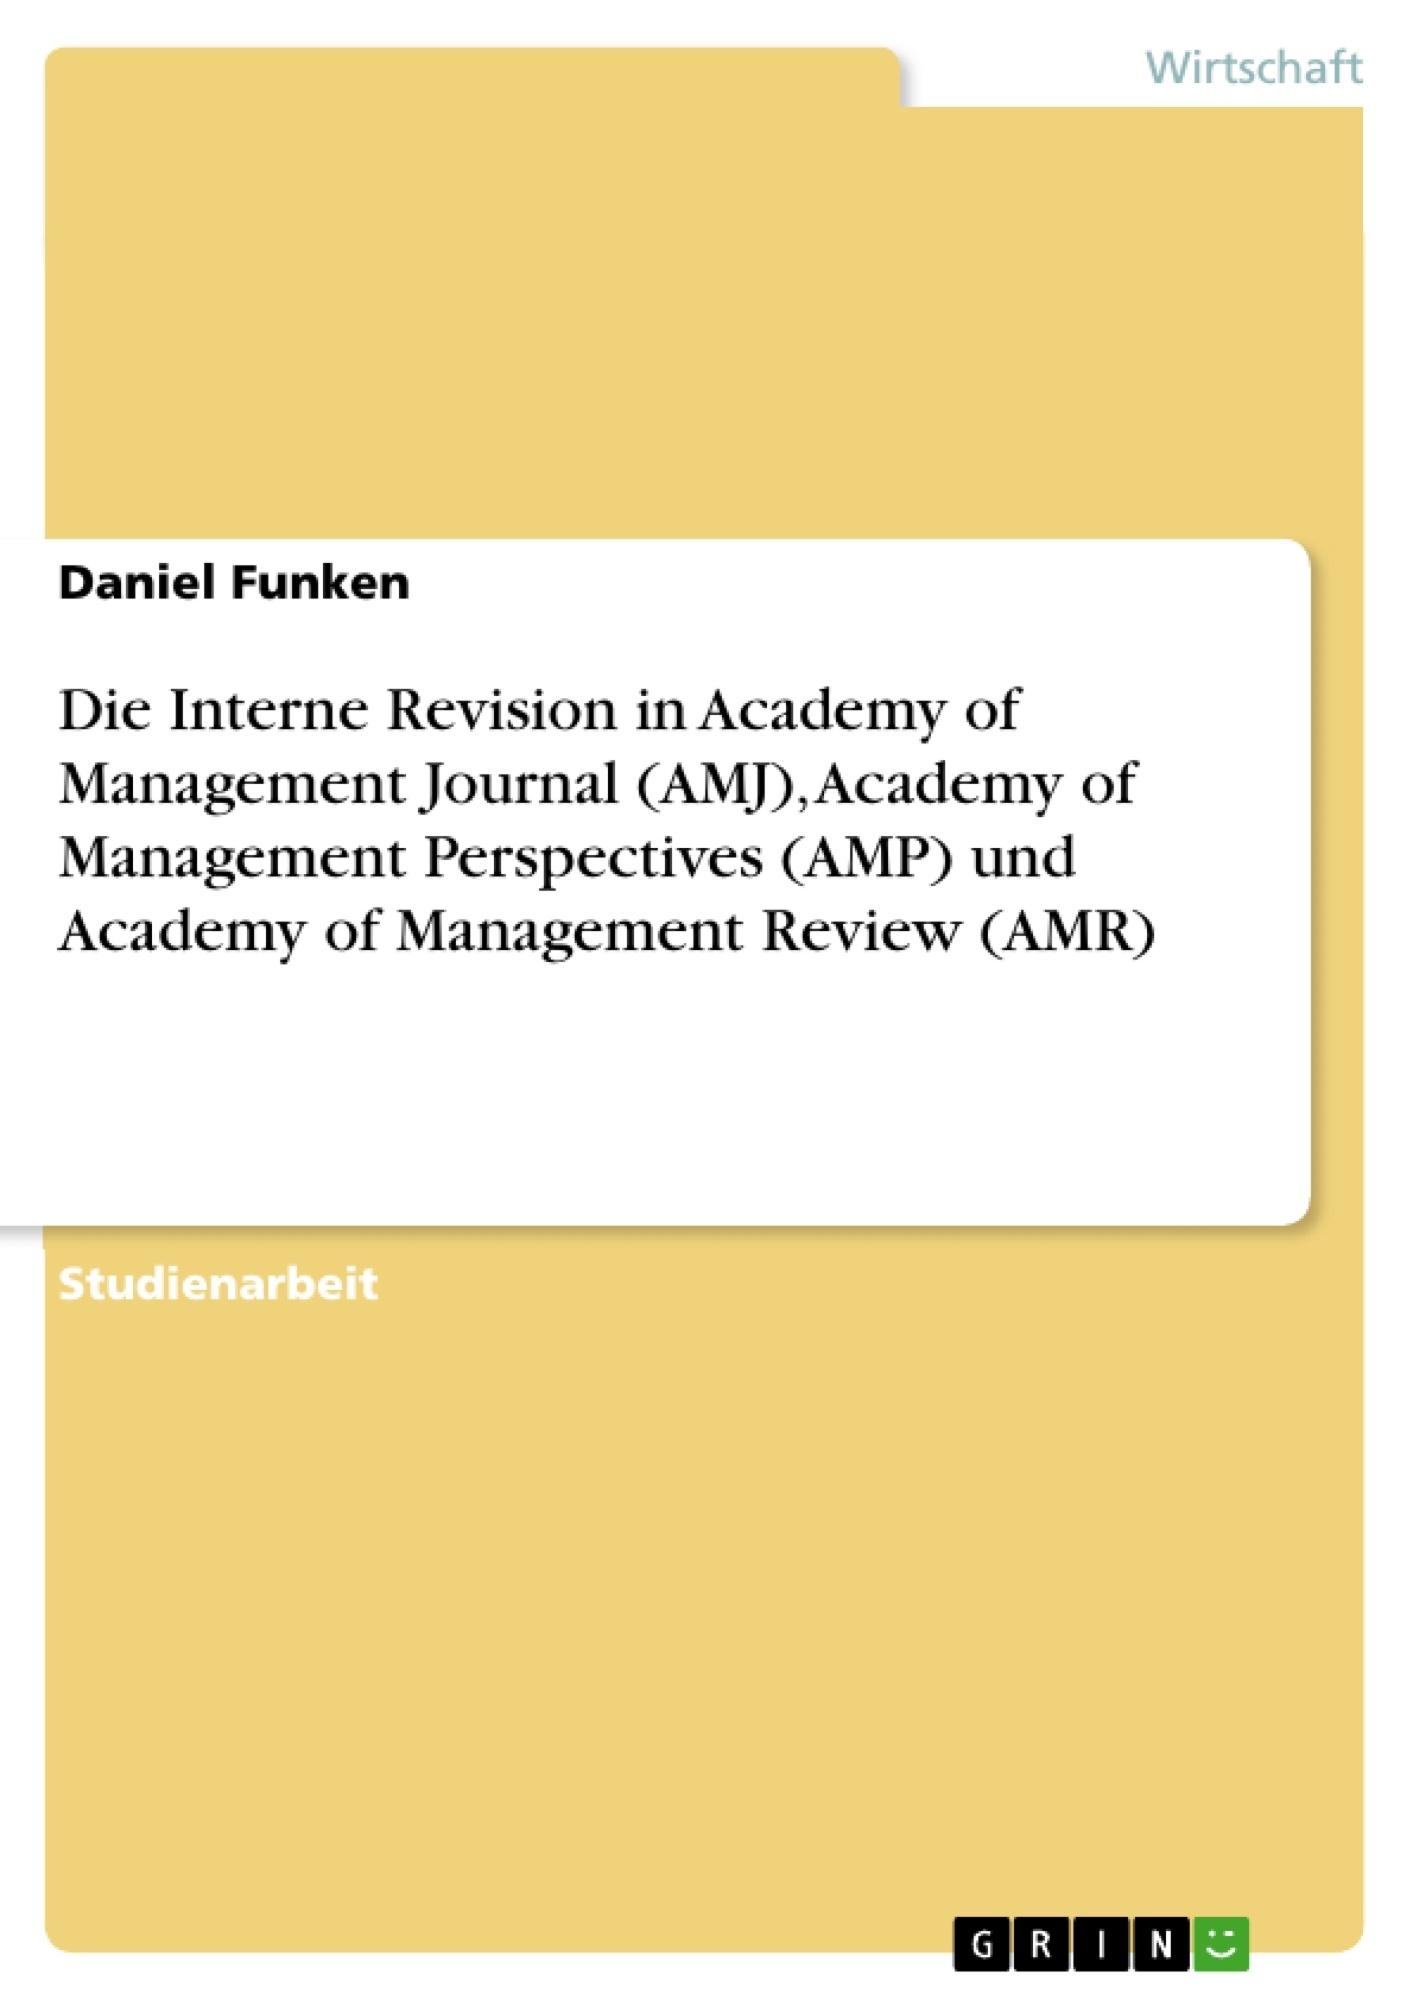 Titel: Die Interne Revision in Academy of Management Journal (AMJ), Academy of Management Perspectives (AMP) und  Academy of Management Review (AMR)